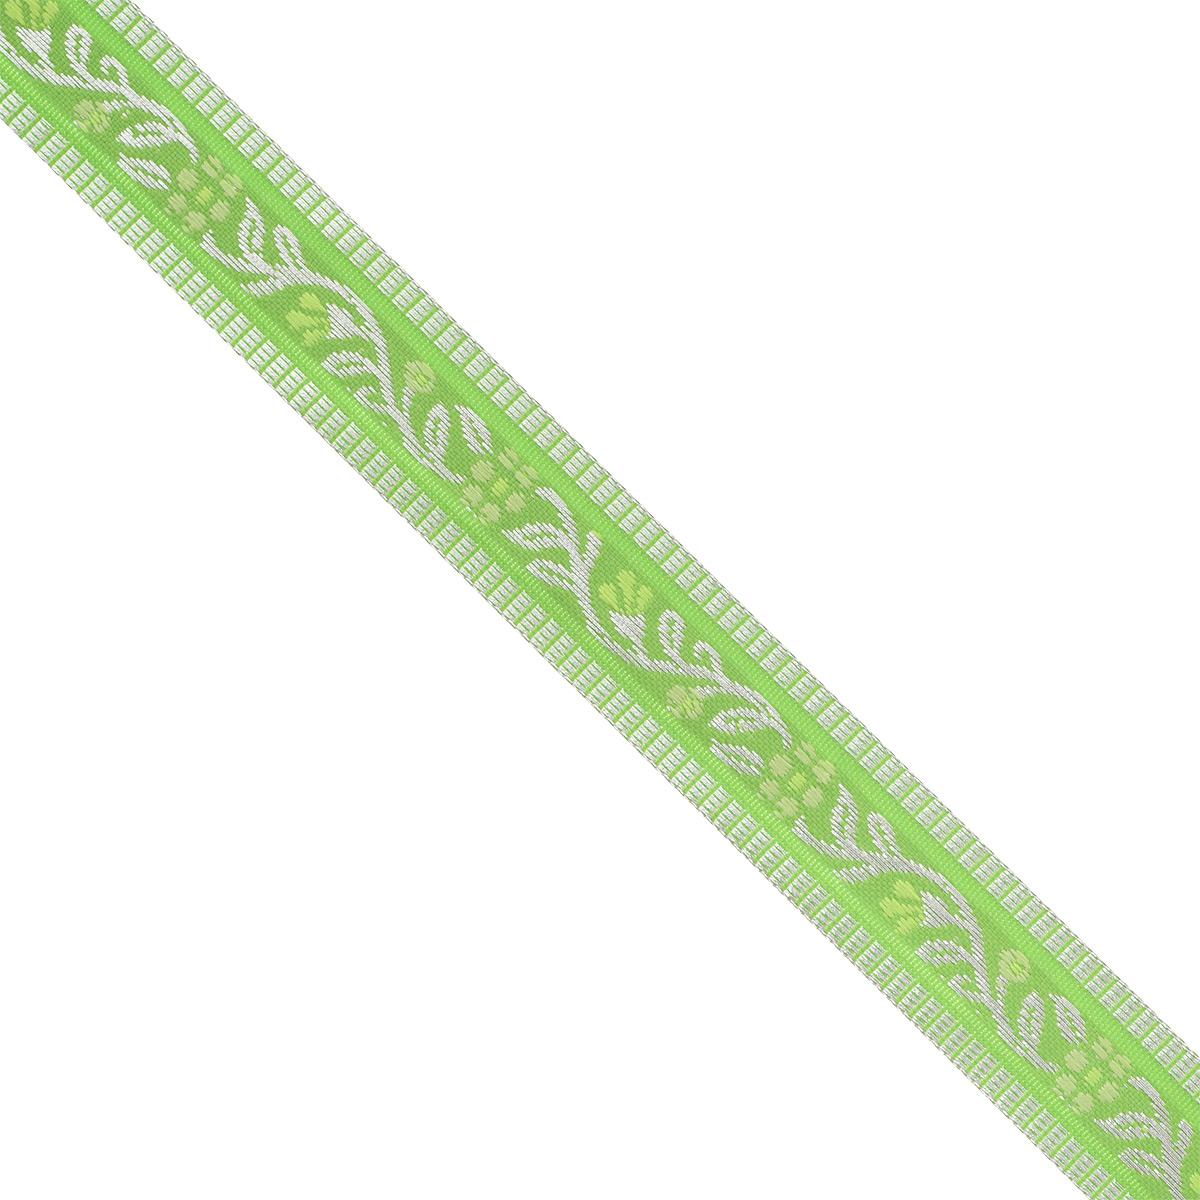 Тесьма декоративная Астра, цвет: зеленый (1), ширина 1,8 см, длина 16,4 м. 7703265C0042416Декоративная тесьма Астра выполнена из текстиля и оформлена оригинальным орнаментом. Такая тесьма идеально подойдет для оформления различных творческих работ таких, как скрапбукинг, аппликация, декор коробок и открыток и многое другое. Тесьма наивысшего качества и практична в использовании. Она станет незаменимым элементом в создании рукотворного шедевра. Ширина: 1,8 см.Длина: 16,4 м.